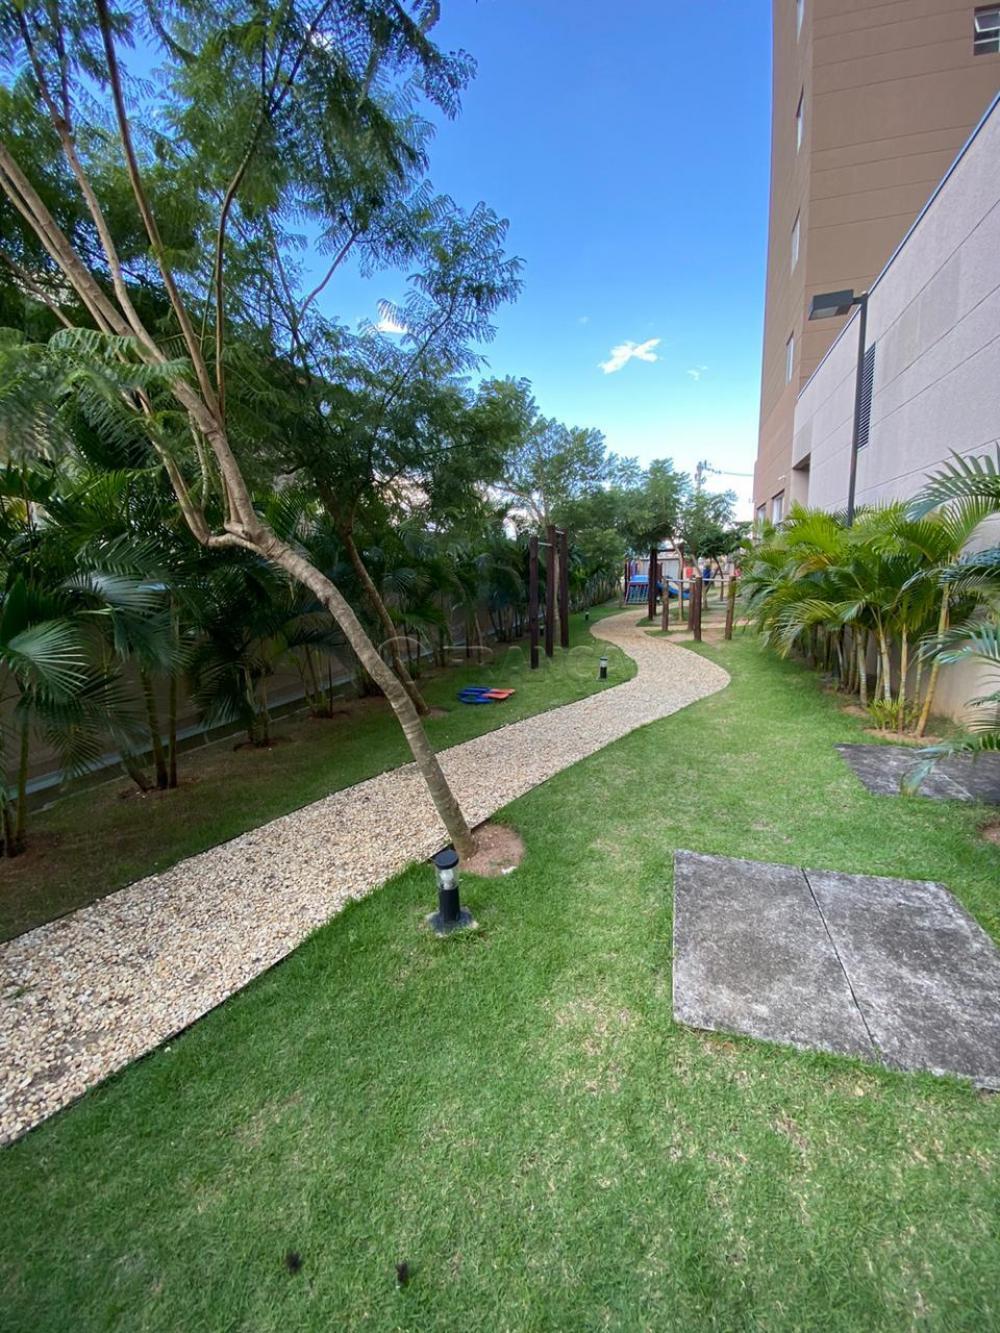 Comprar Apartamento / Padrão em São José dos Campos apenas R$ 480.000,00 - Foto 28